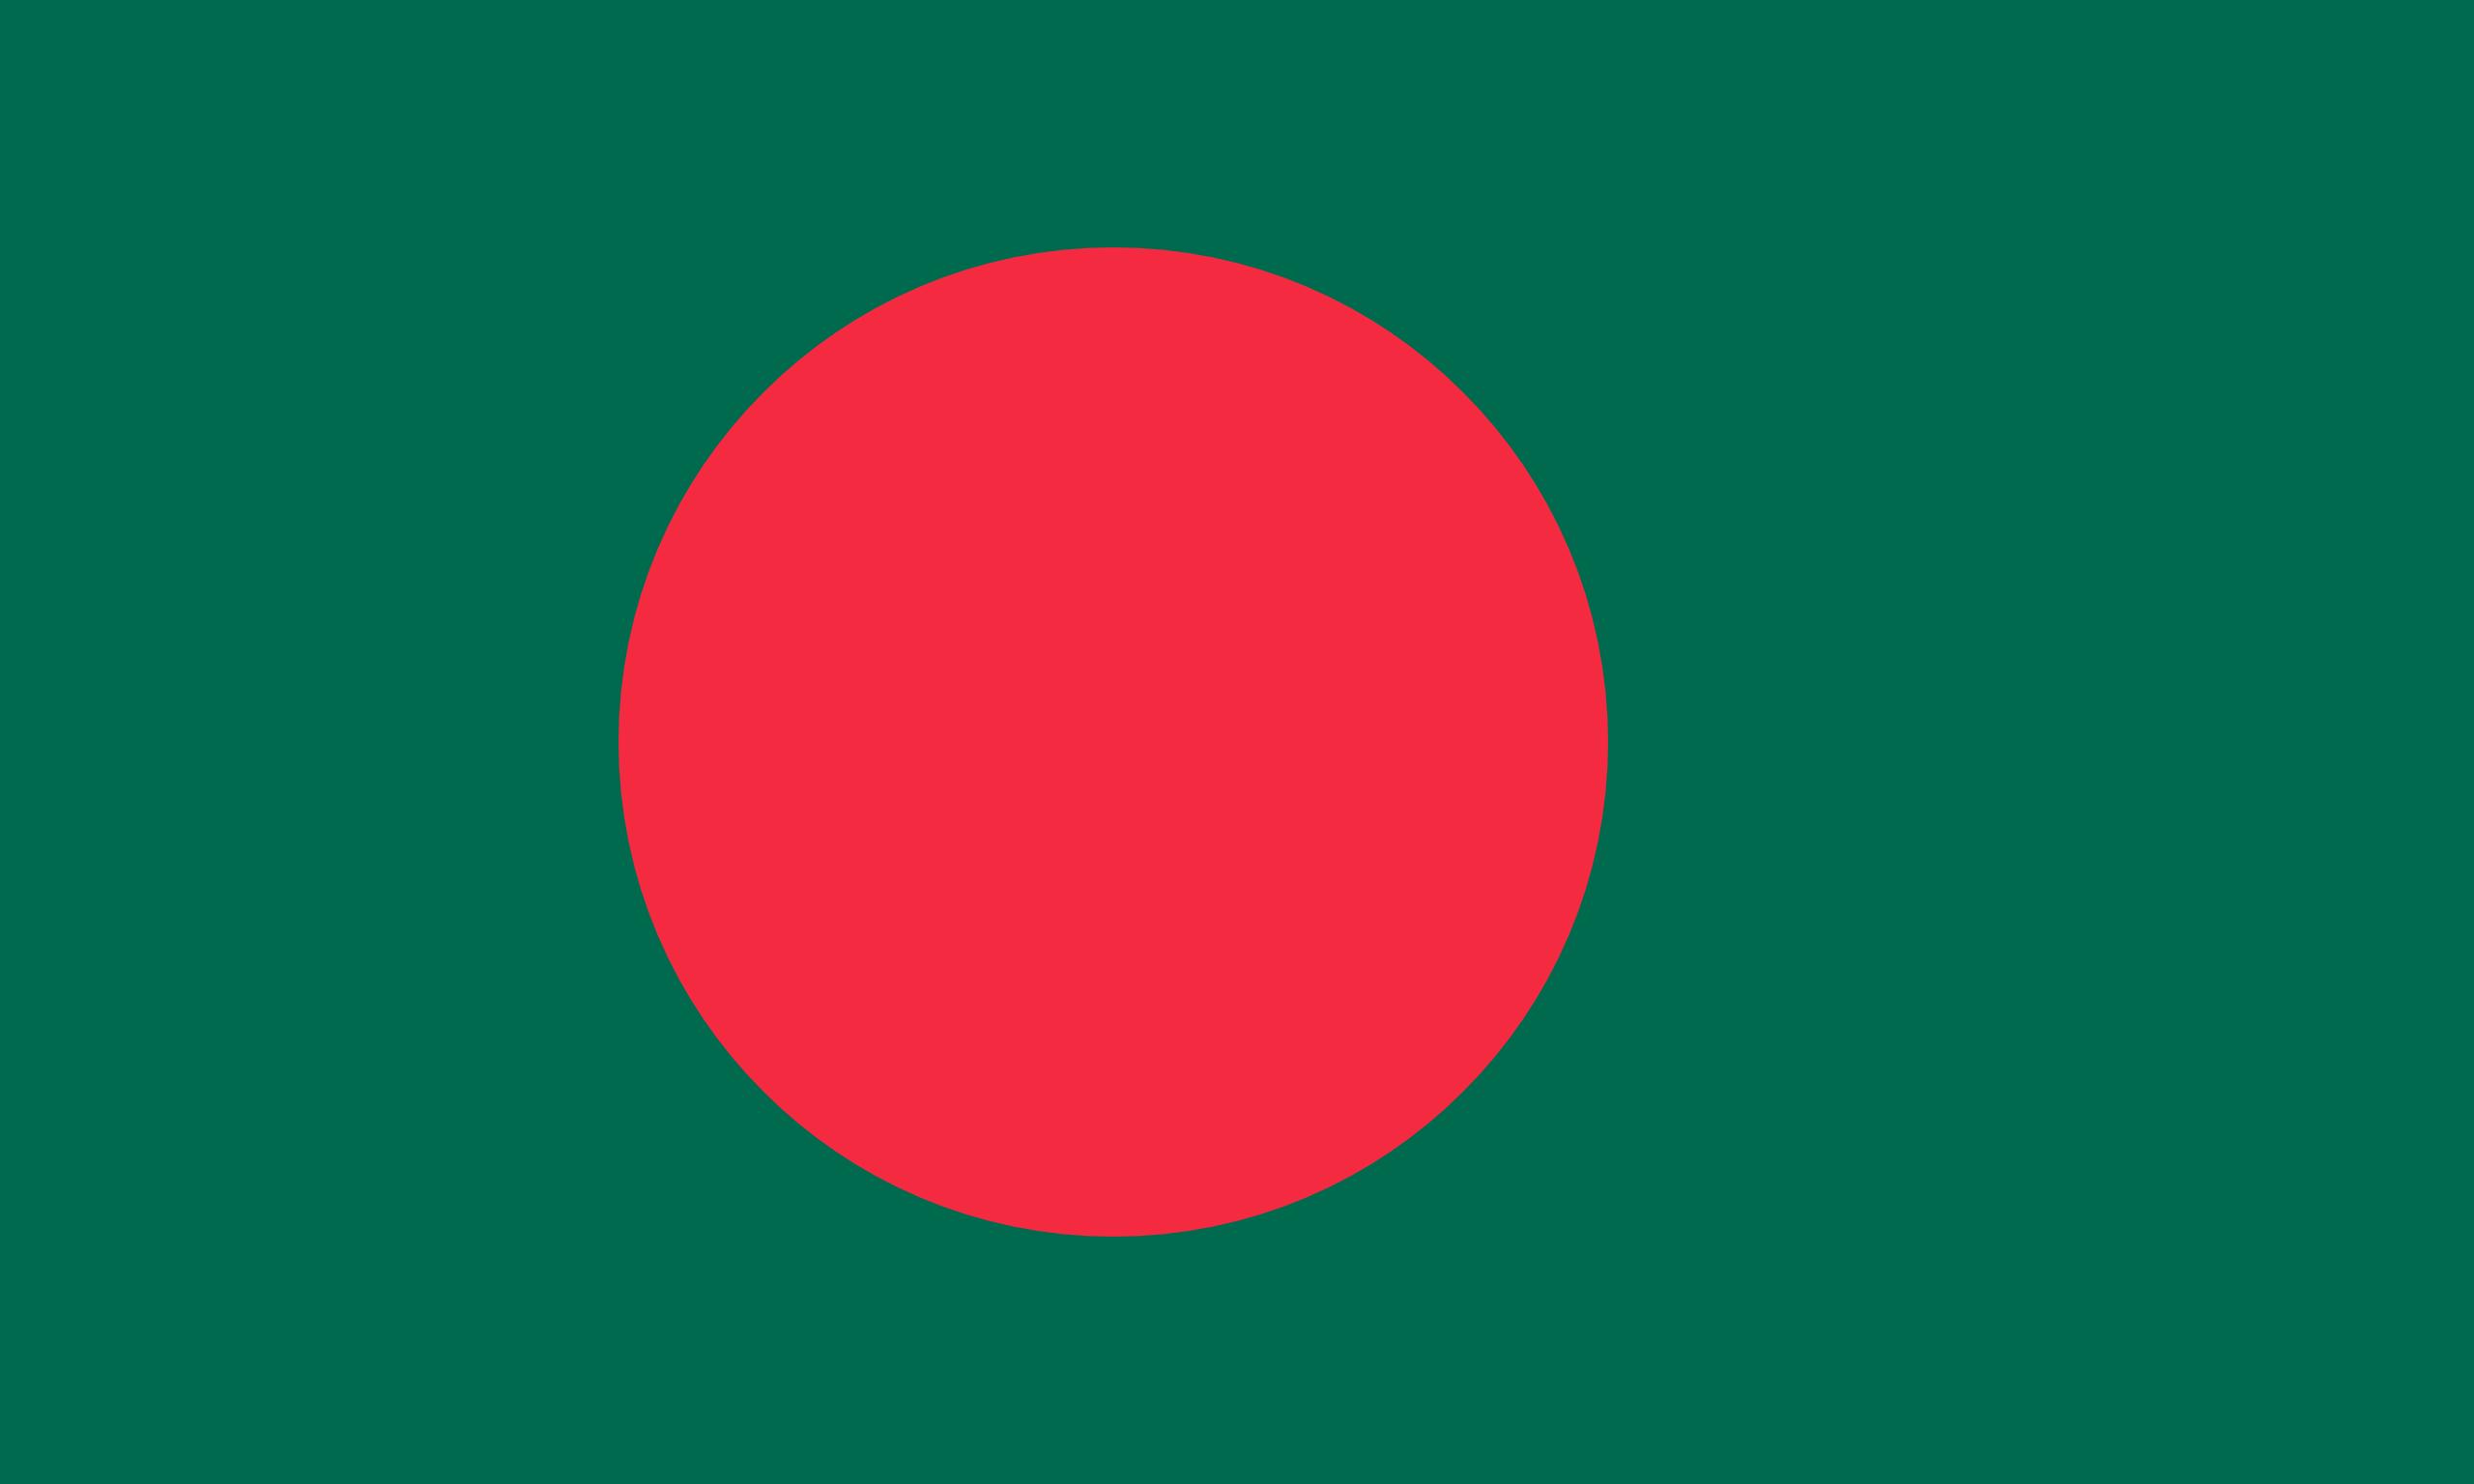 bangladesh, Land, Emblem, Logo, Symbol - Wallpaper HD - Prof.-falken.com